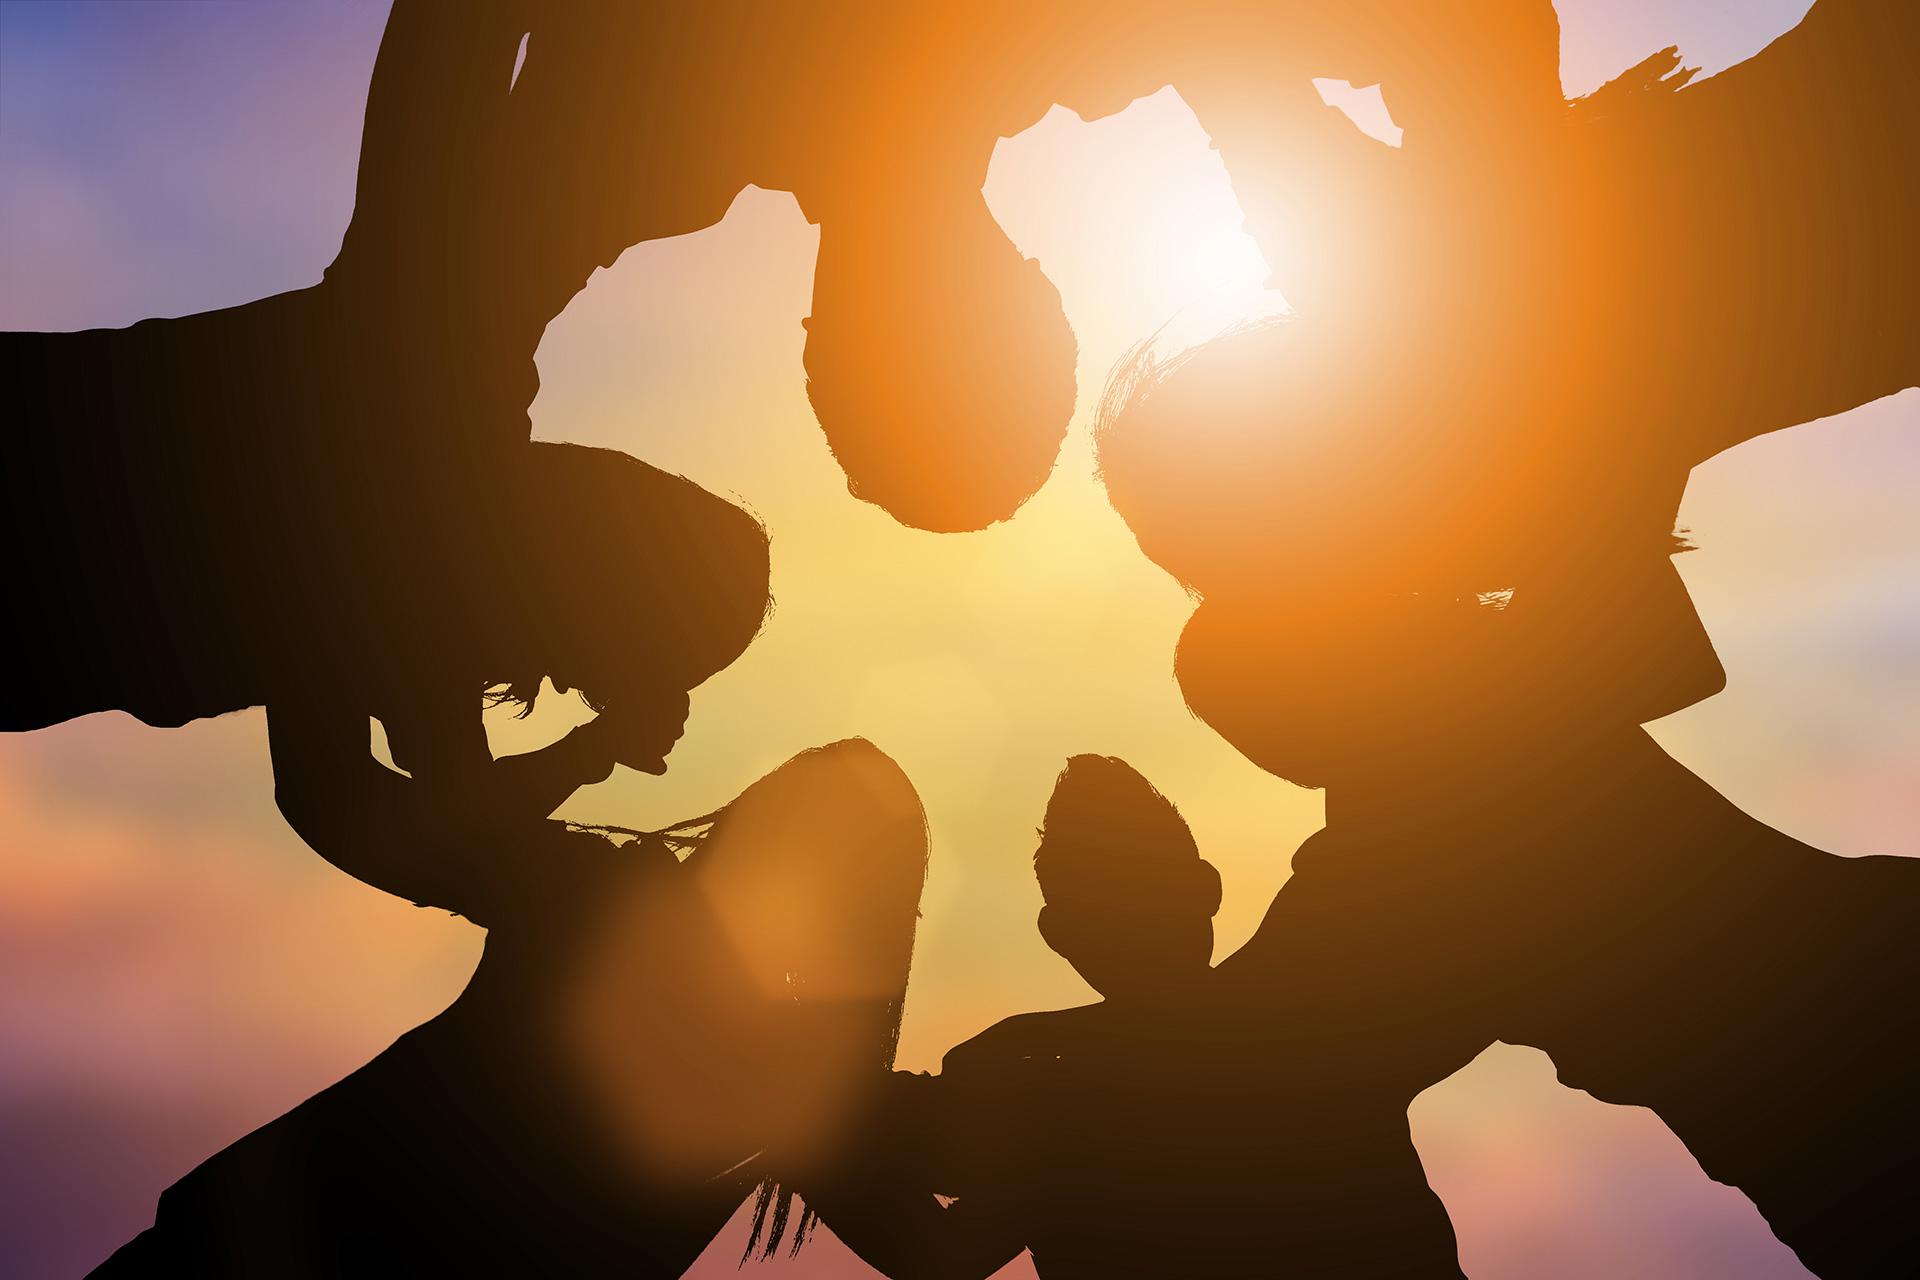 Mensen-omarmen-elkaar-zonneschijn